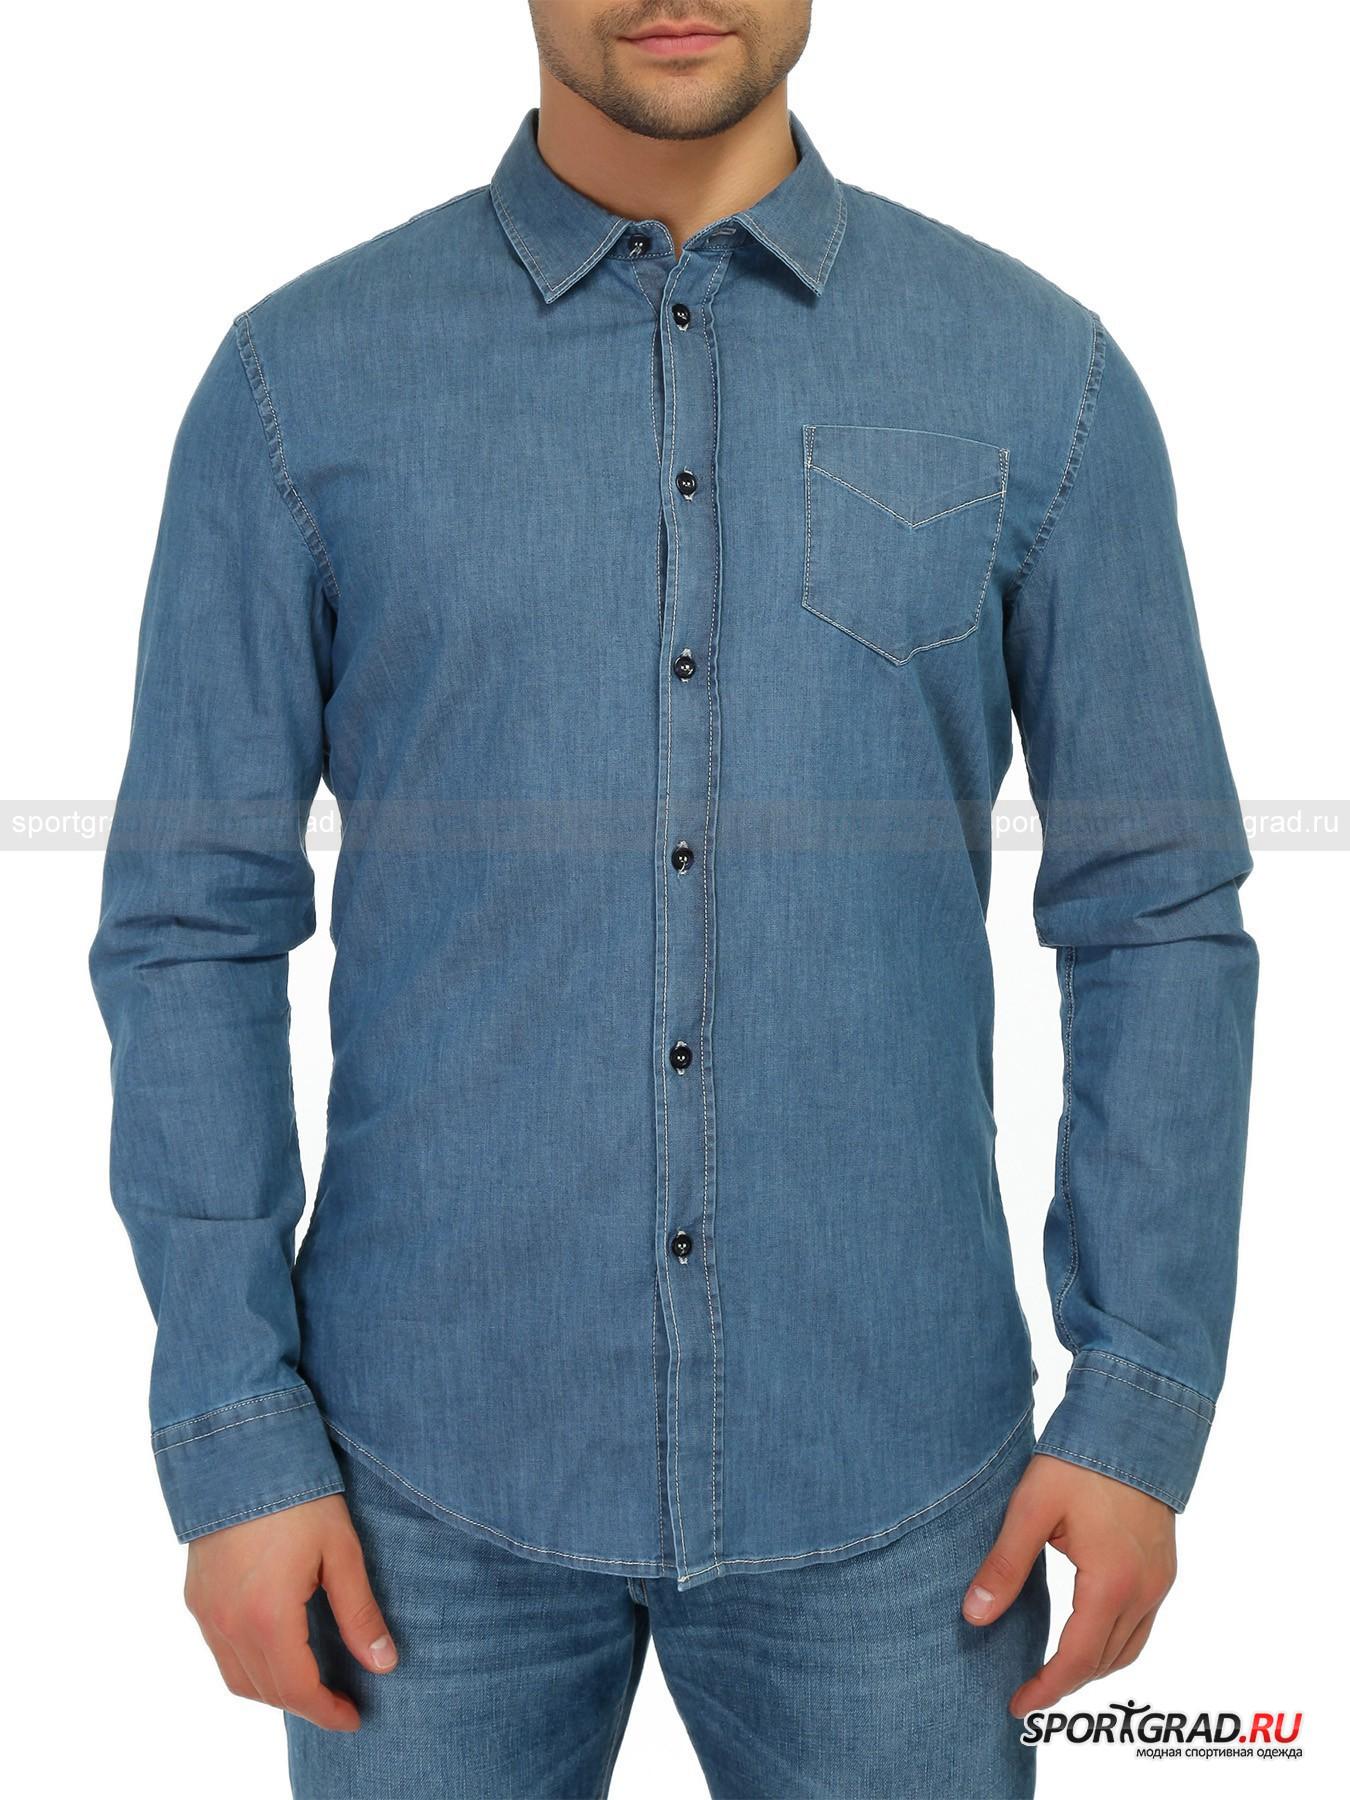 Рубашка мужская BIKKEMBERGSРубашки<br>Оригинальная мужская рубашка BIKKEMBERGS, сшитая из гладкой хлопковой ткани стретч. Сложно найти хотя бы один стильный мужской гардероб, в котором не будет хотя бы пары рубашек с длинным рукавом. Эта модель отличается своей сбалансированной лаконичностью и, конечно, превосходным качеством исполнения. Рубашка снабжена нагрудным карманом, контрастной прострочкой швов и дополнена кожаной нашивкой с надписью BIKK на спине. Сделано в Италии.<br><br>Пол: Мужской<br>Возраст: Взрослый<br>Тип: Рубашки<br>Рекомендации по уходу: Деликатная ручная стирка при температуре 30 градусов, щадящий ручной отжим, гладить при температуре до 120 градусов.<br>Состав: 97% хлопок, 3% эластан